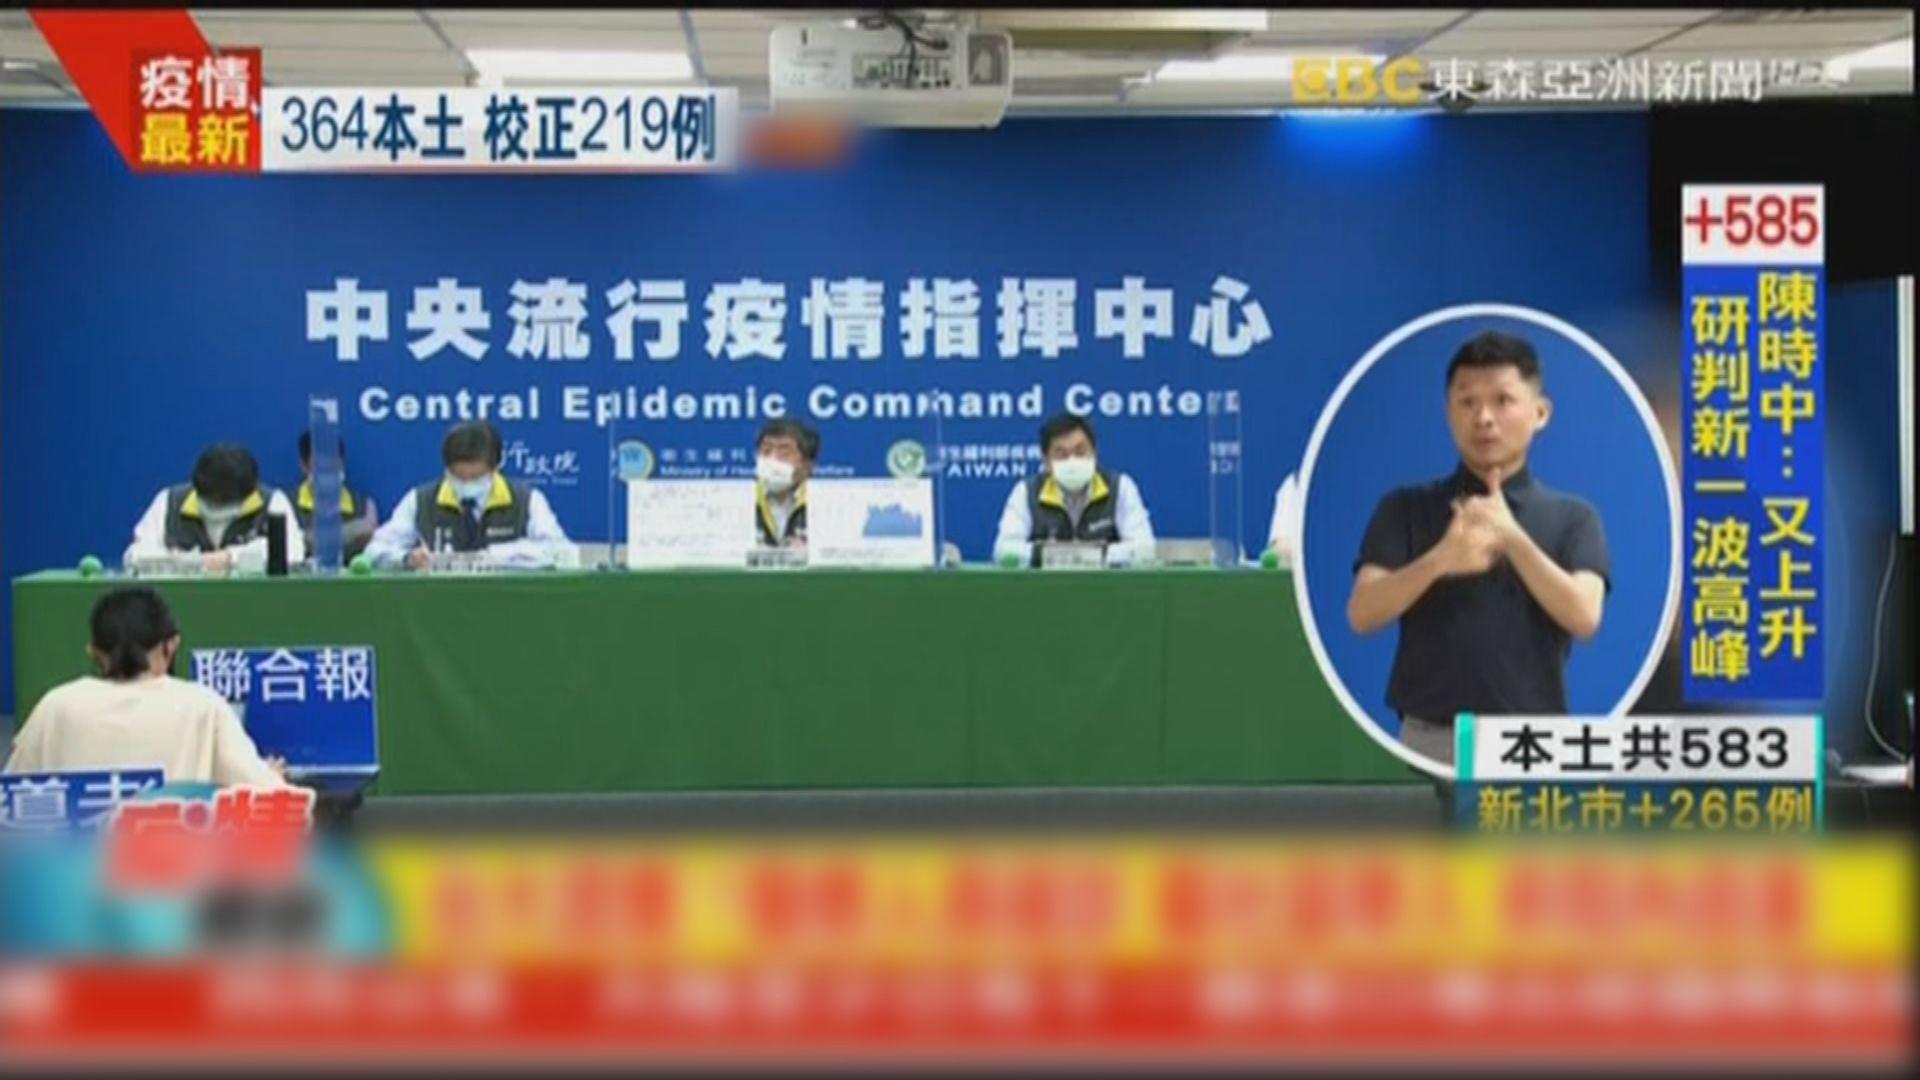 台灣增583宗本土確診 年輕患者比例增加